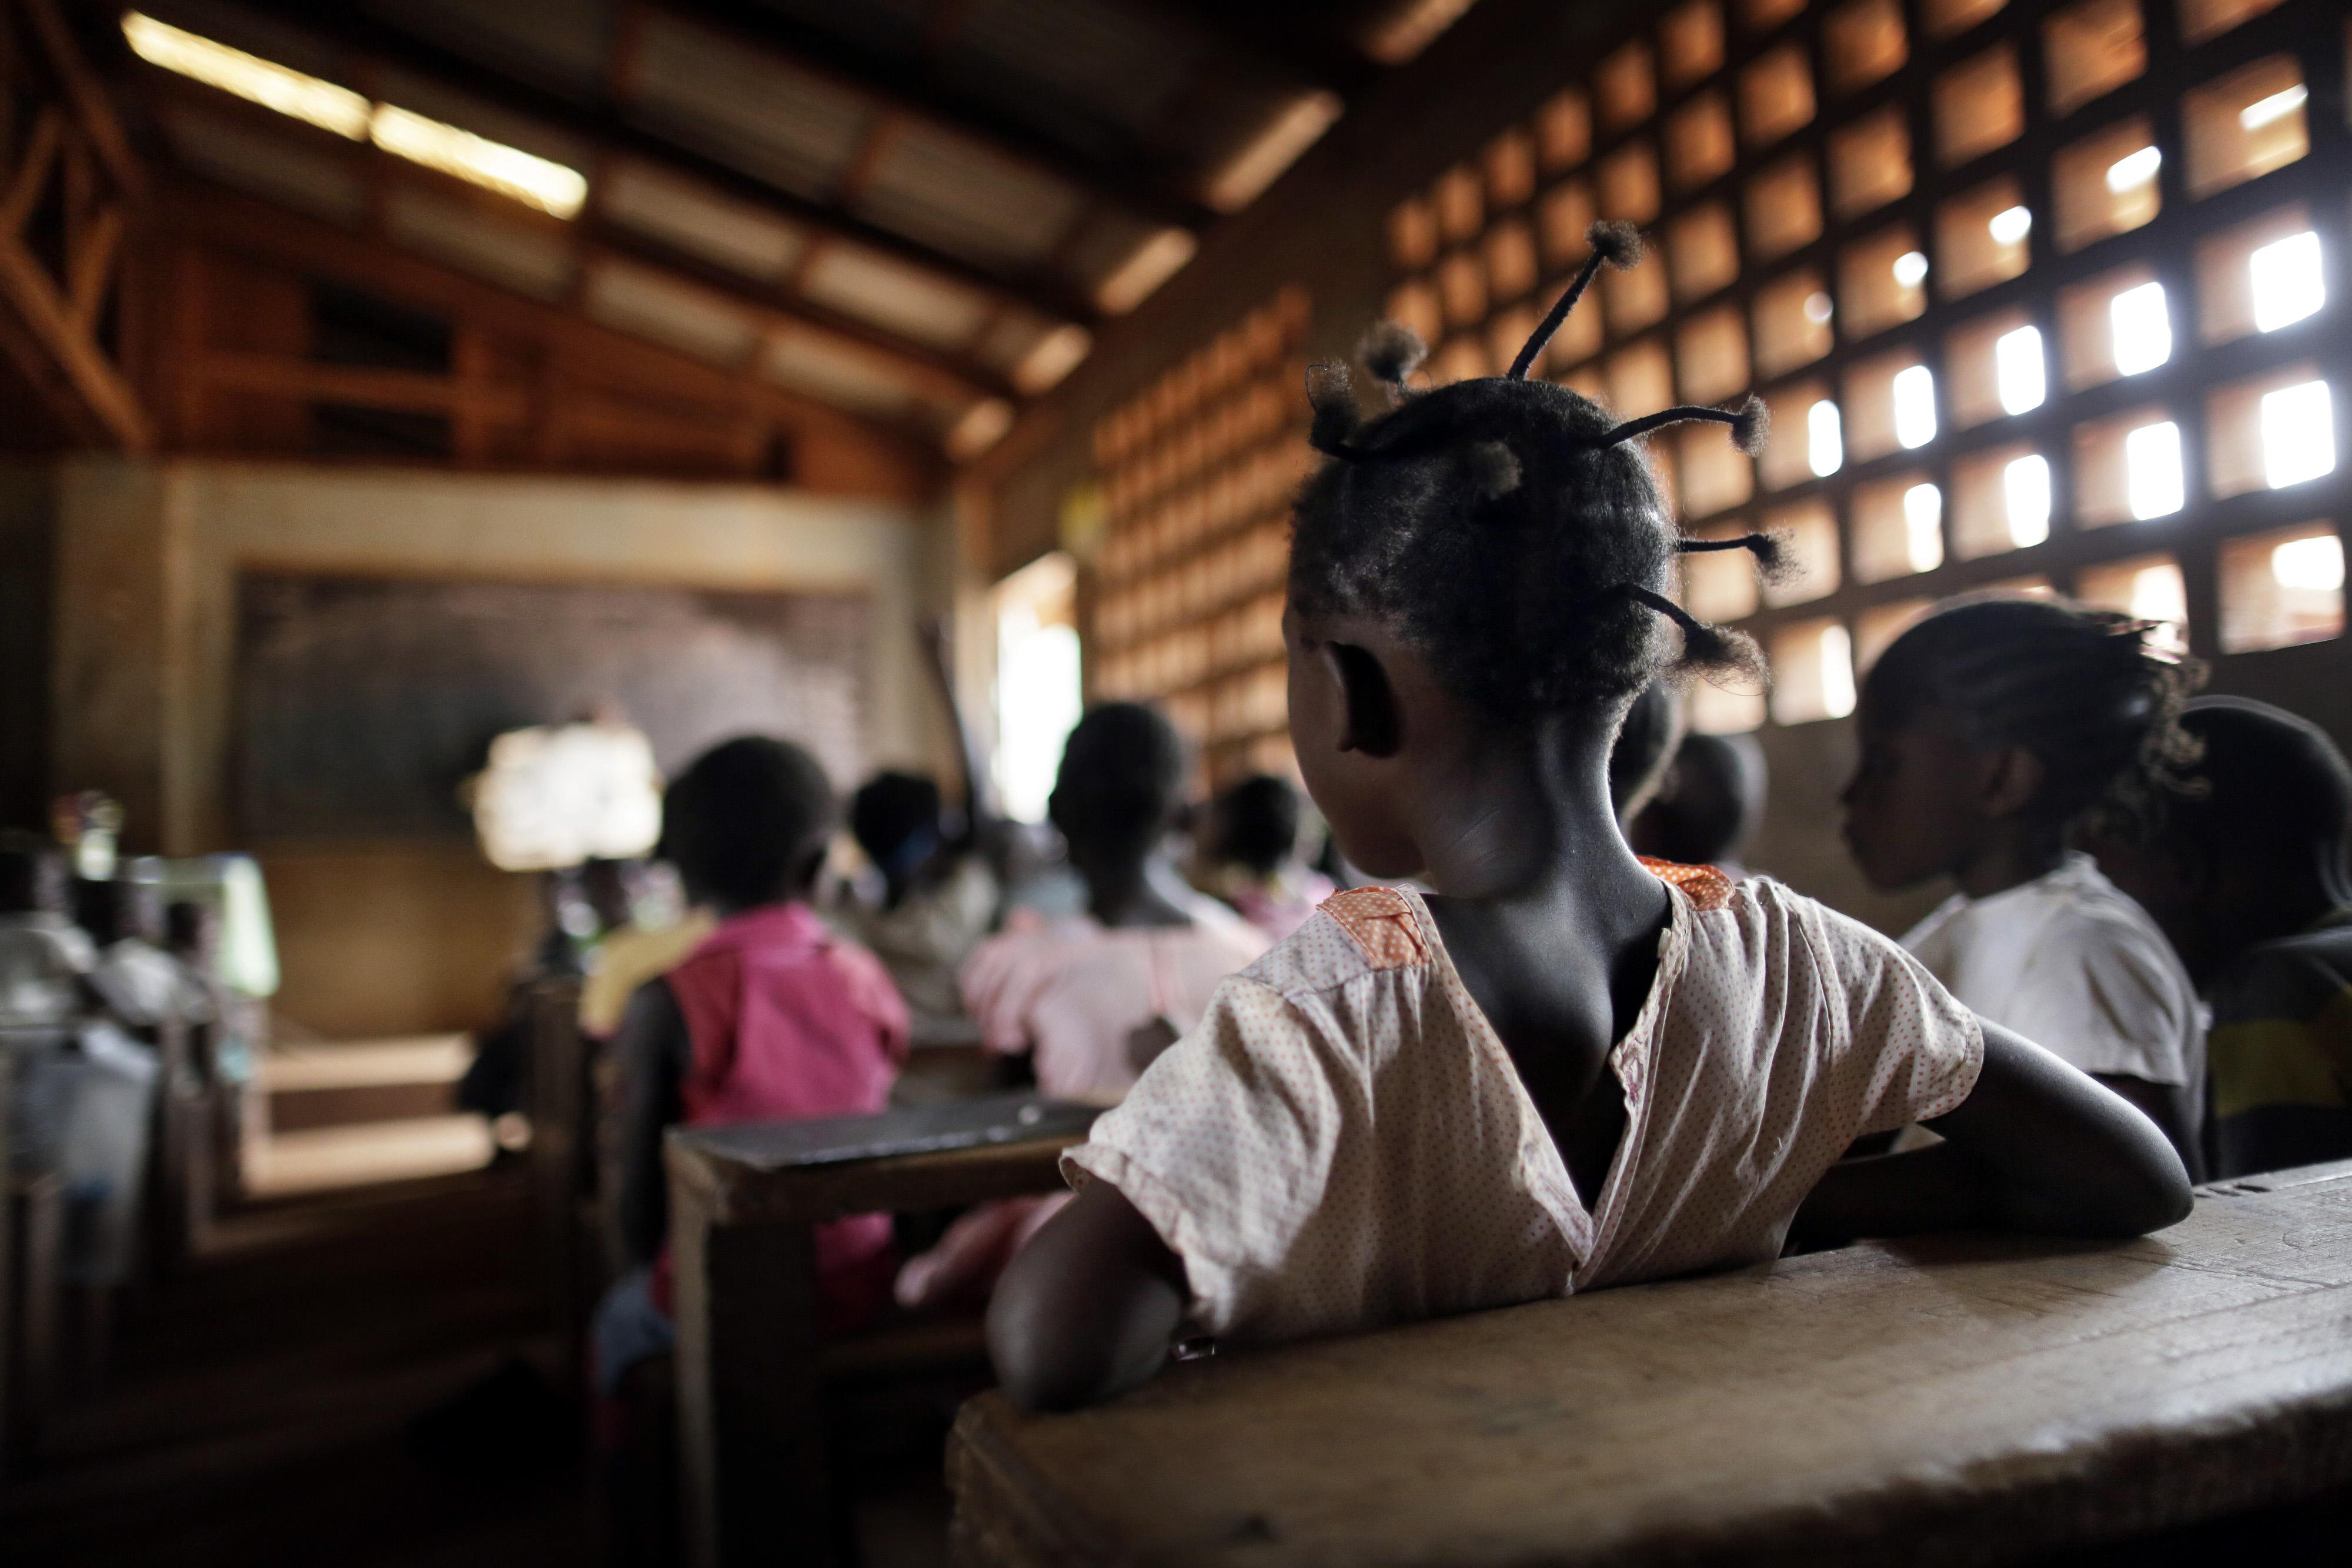 Mädchen in einer Schulklasse in Bangui, Zentralafrikanische Republik. Es sind nur die Hinterköpfe der Mädchen abgebildet, man sieht keine Gesichter.